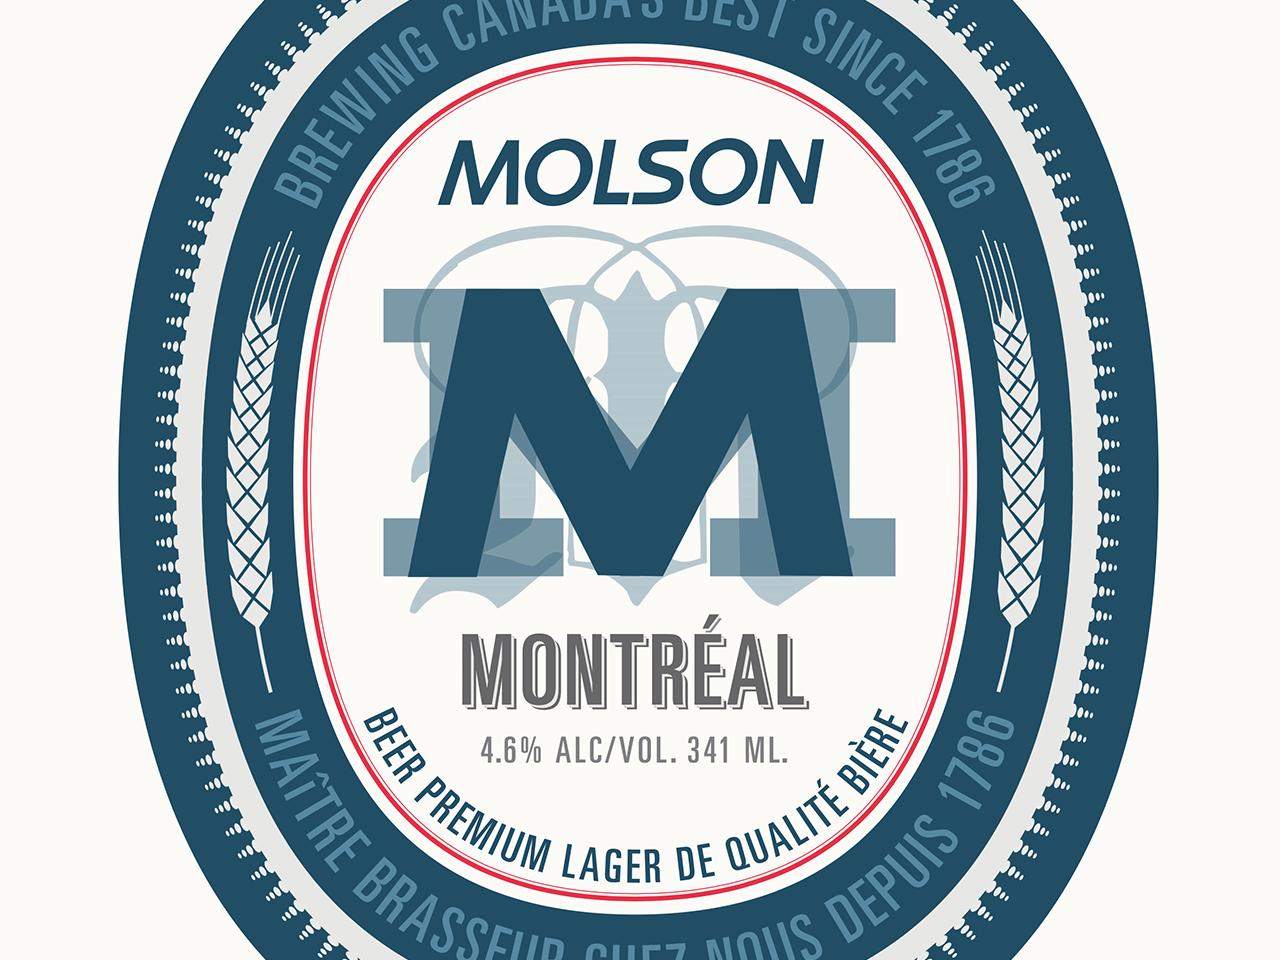 Molson Montréal